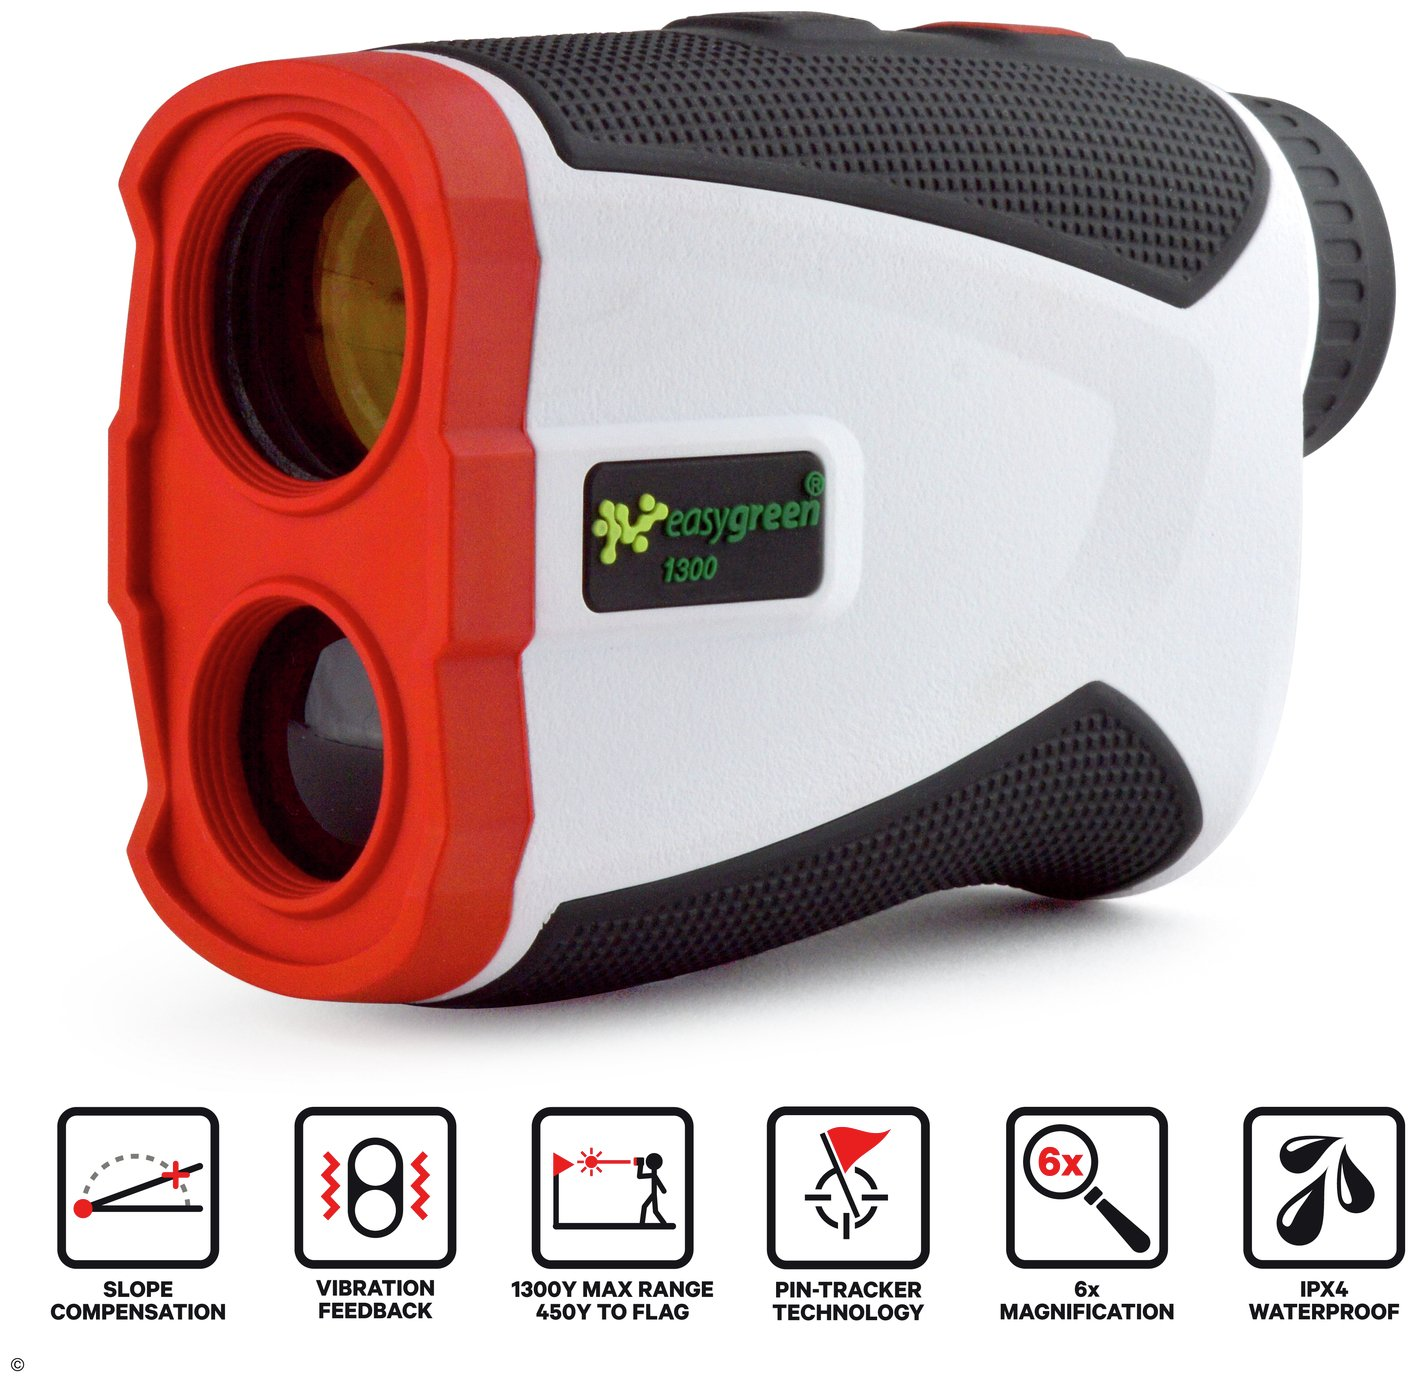 Easygreen 1,300 Laser Rangefinder